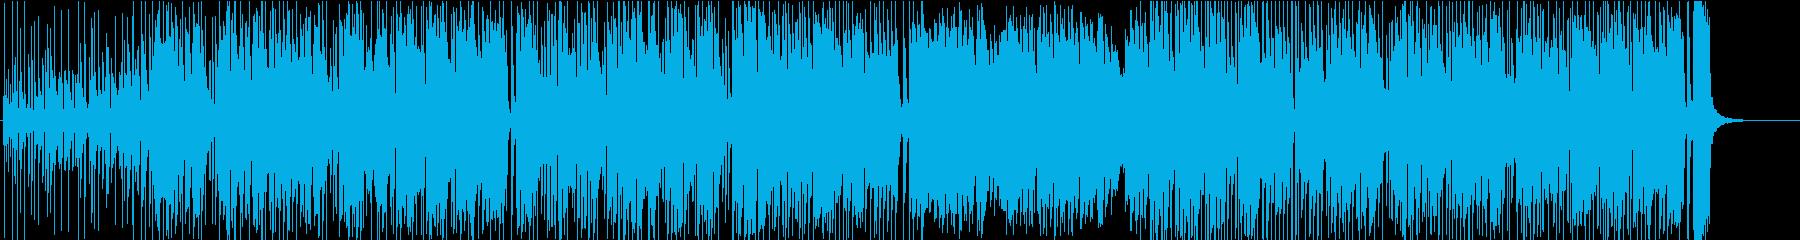 プログレ・ゲーム音楽風の再生済みの波形